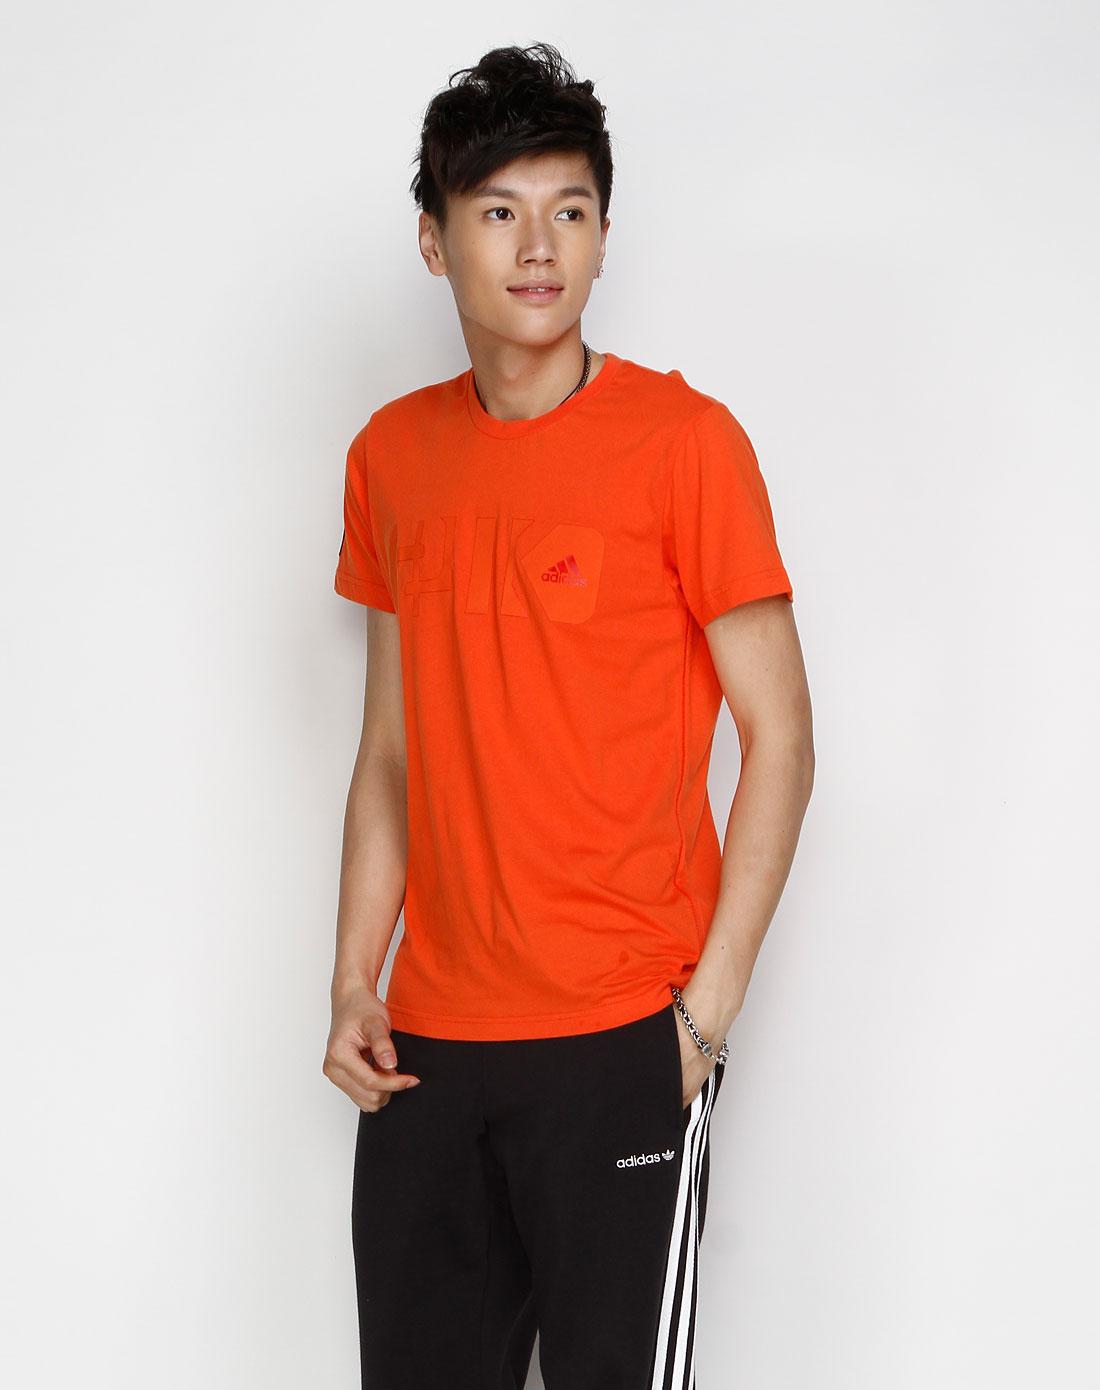 阿迪达斯adidas男装专场-sp 男款 橙色休闲短袖t恤